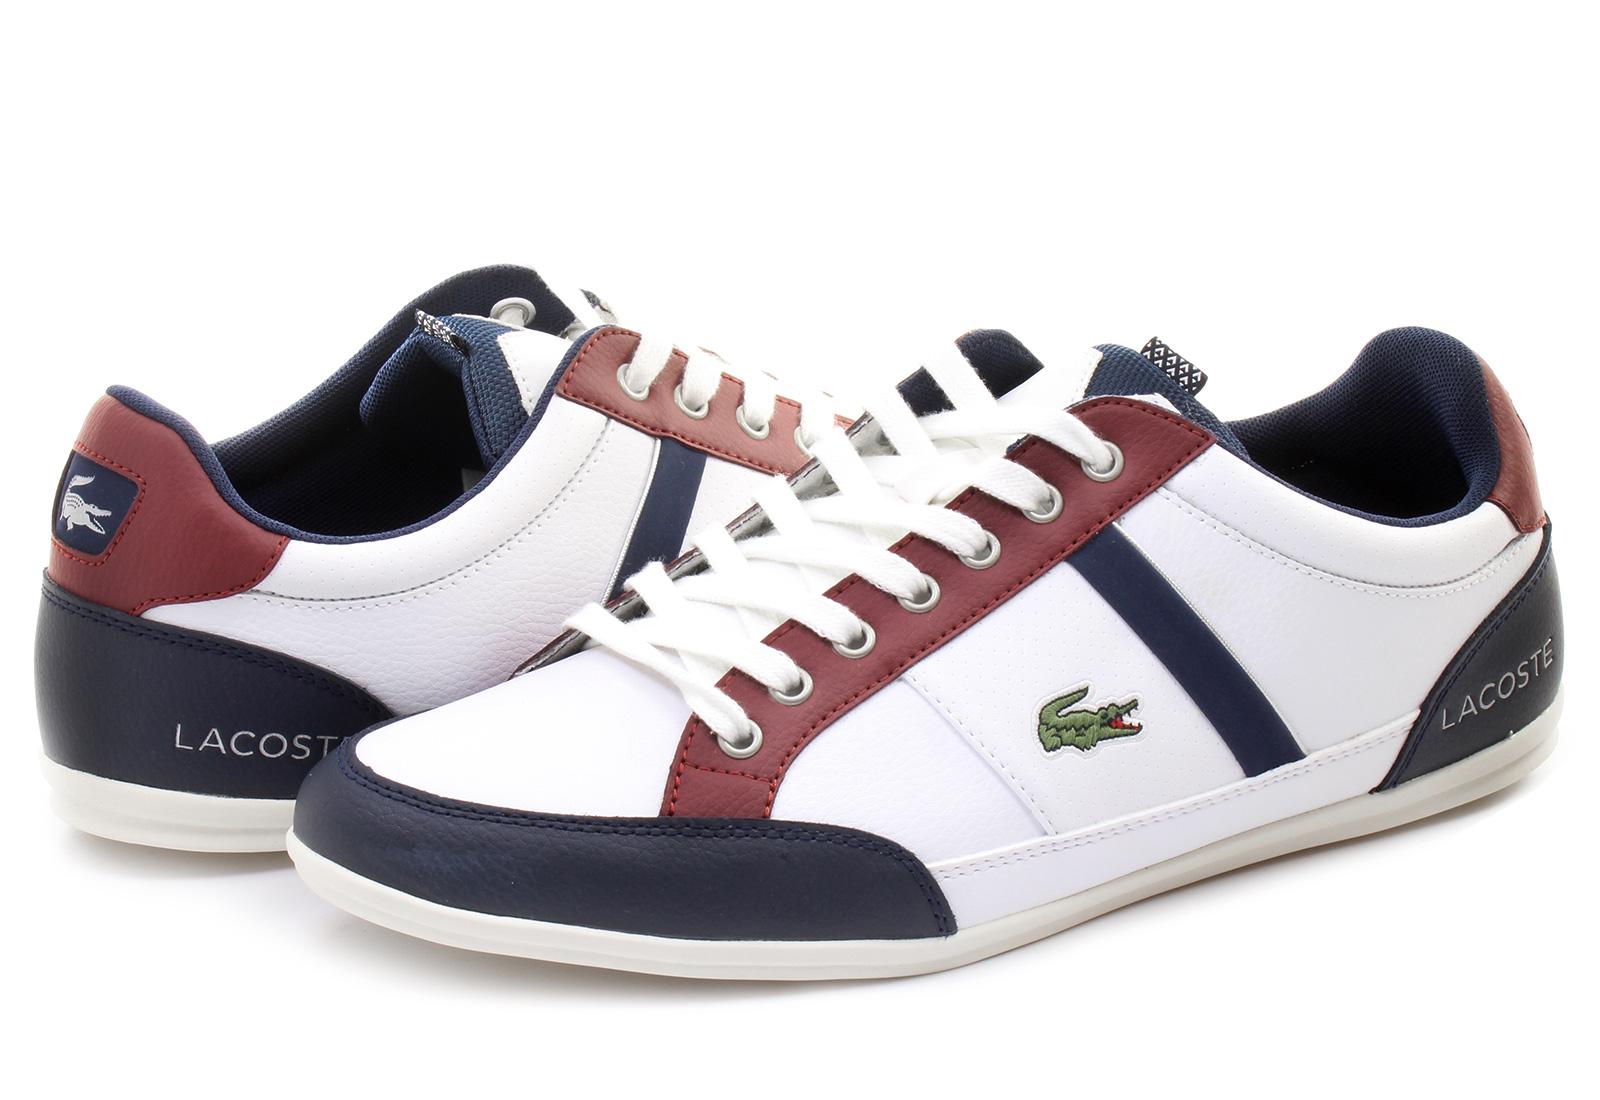 Shoes Lacoste Online